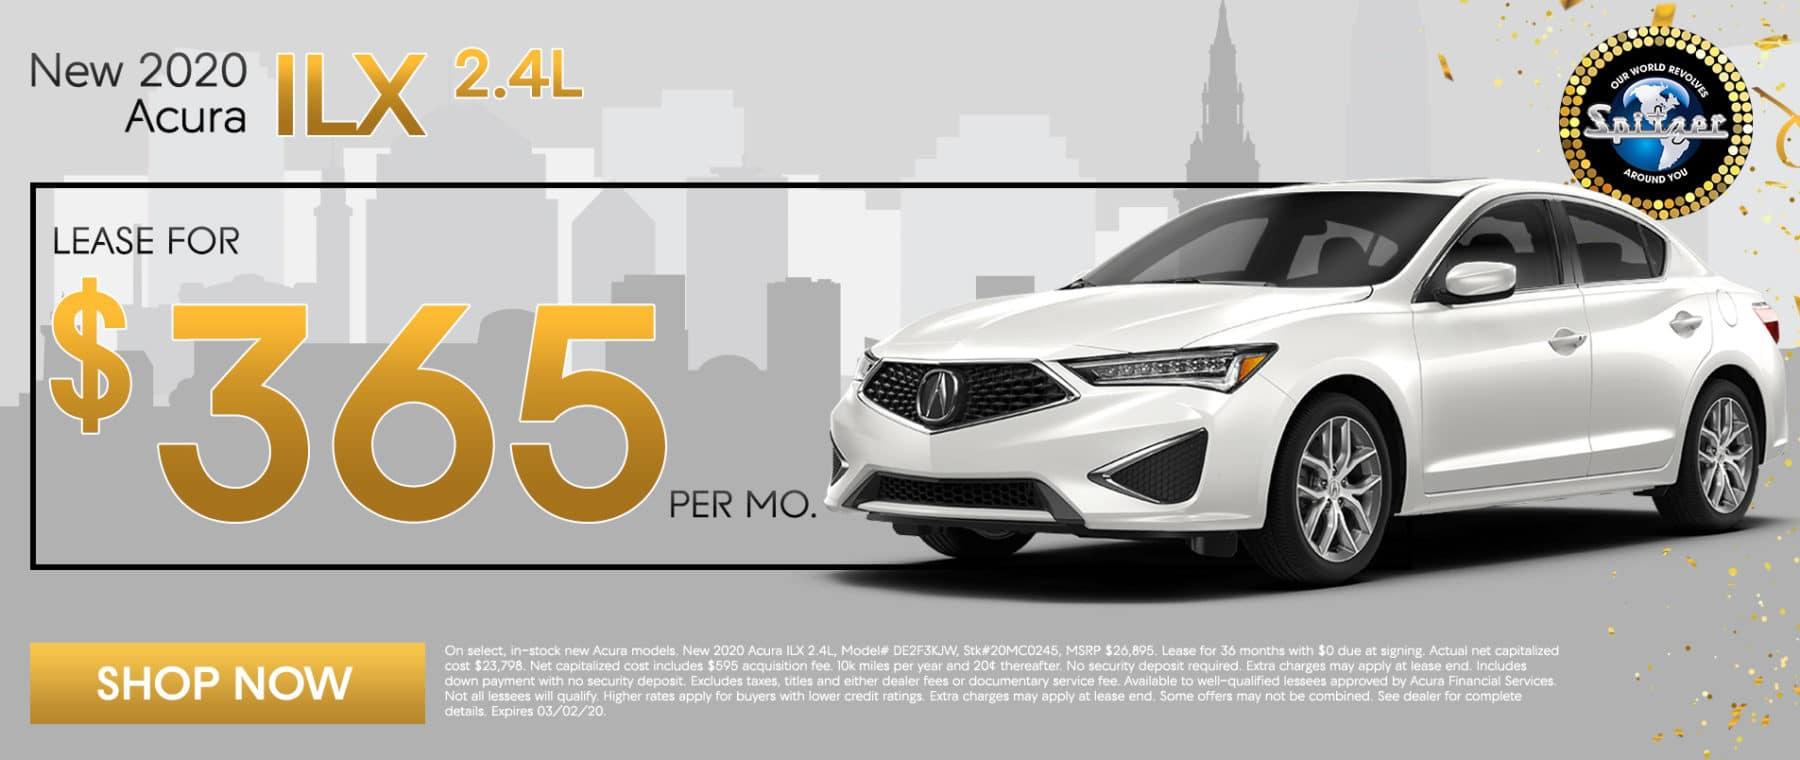 20 ILX | Lease for $365 per mo